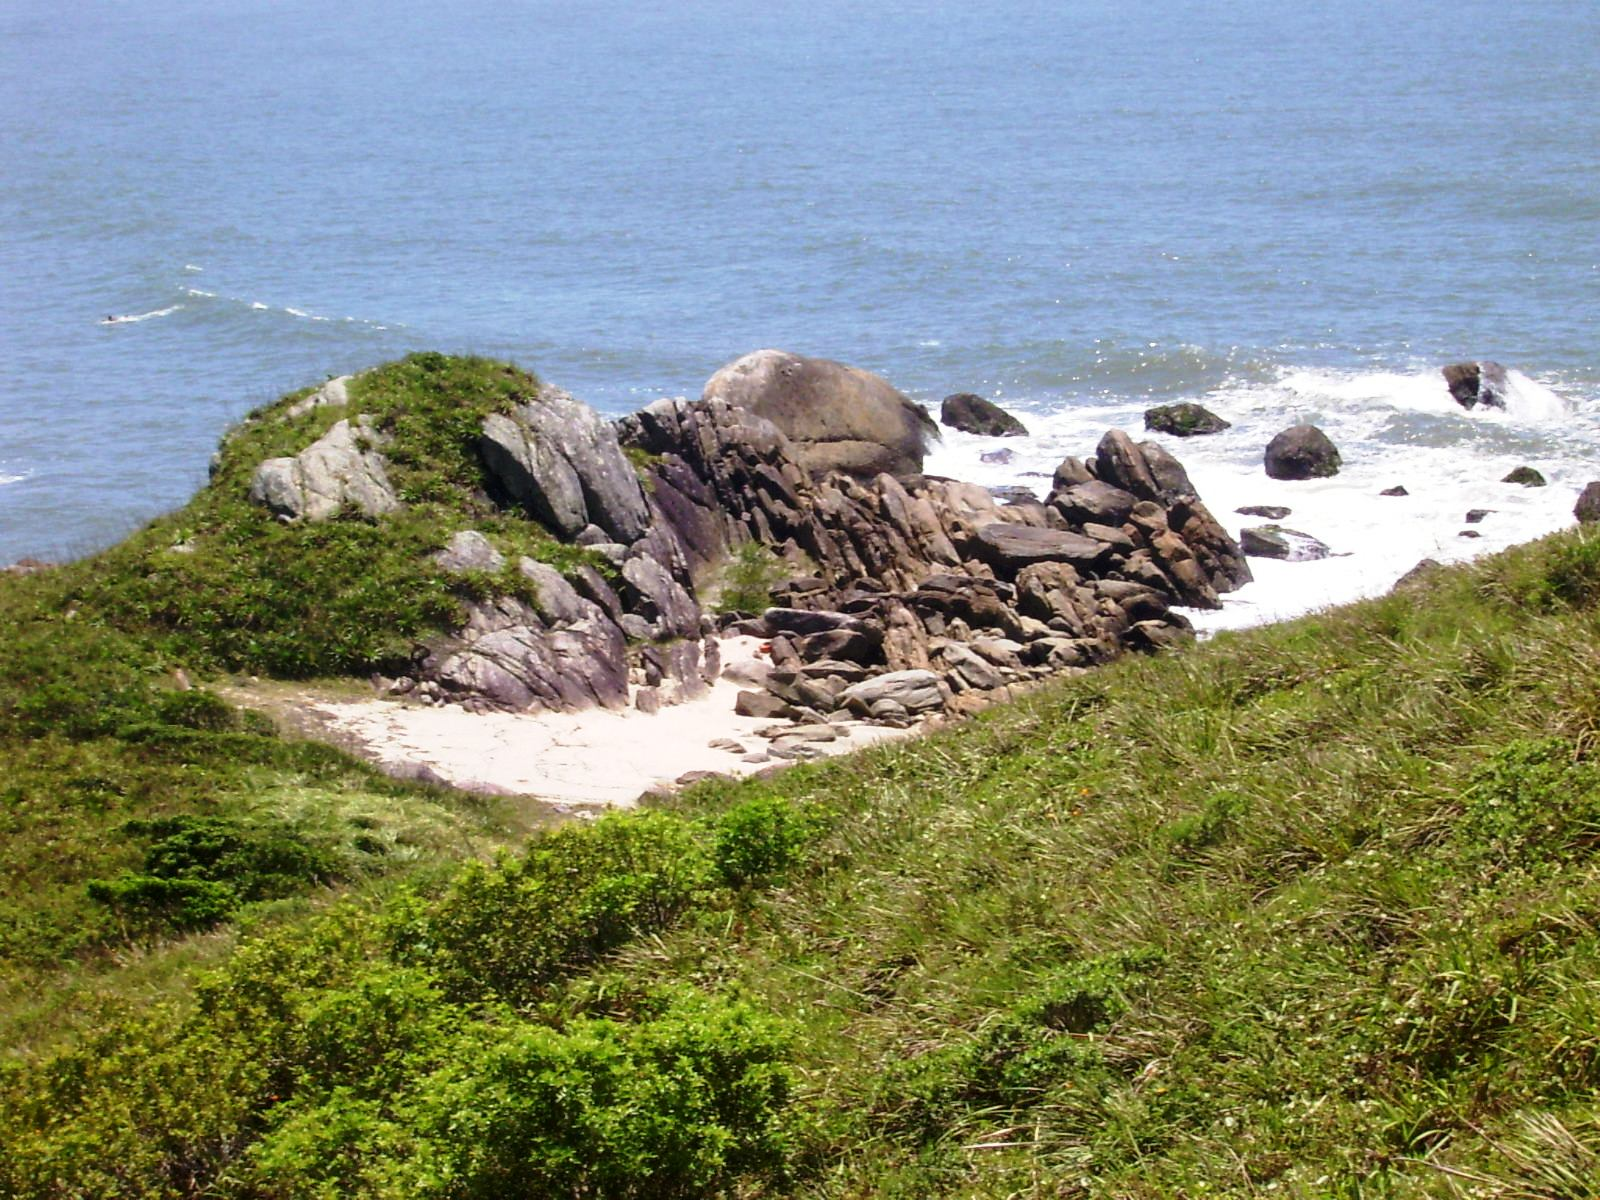 praiadapontadacerca